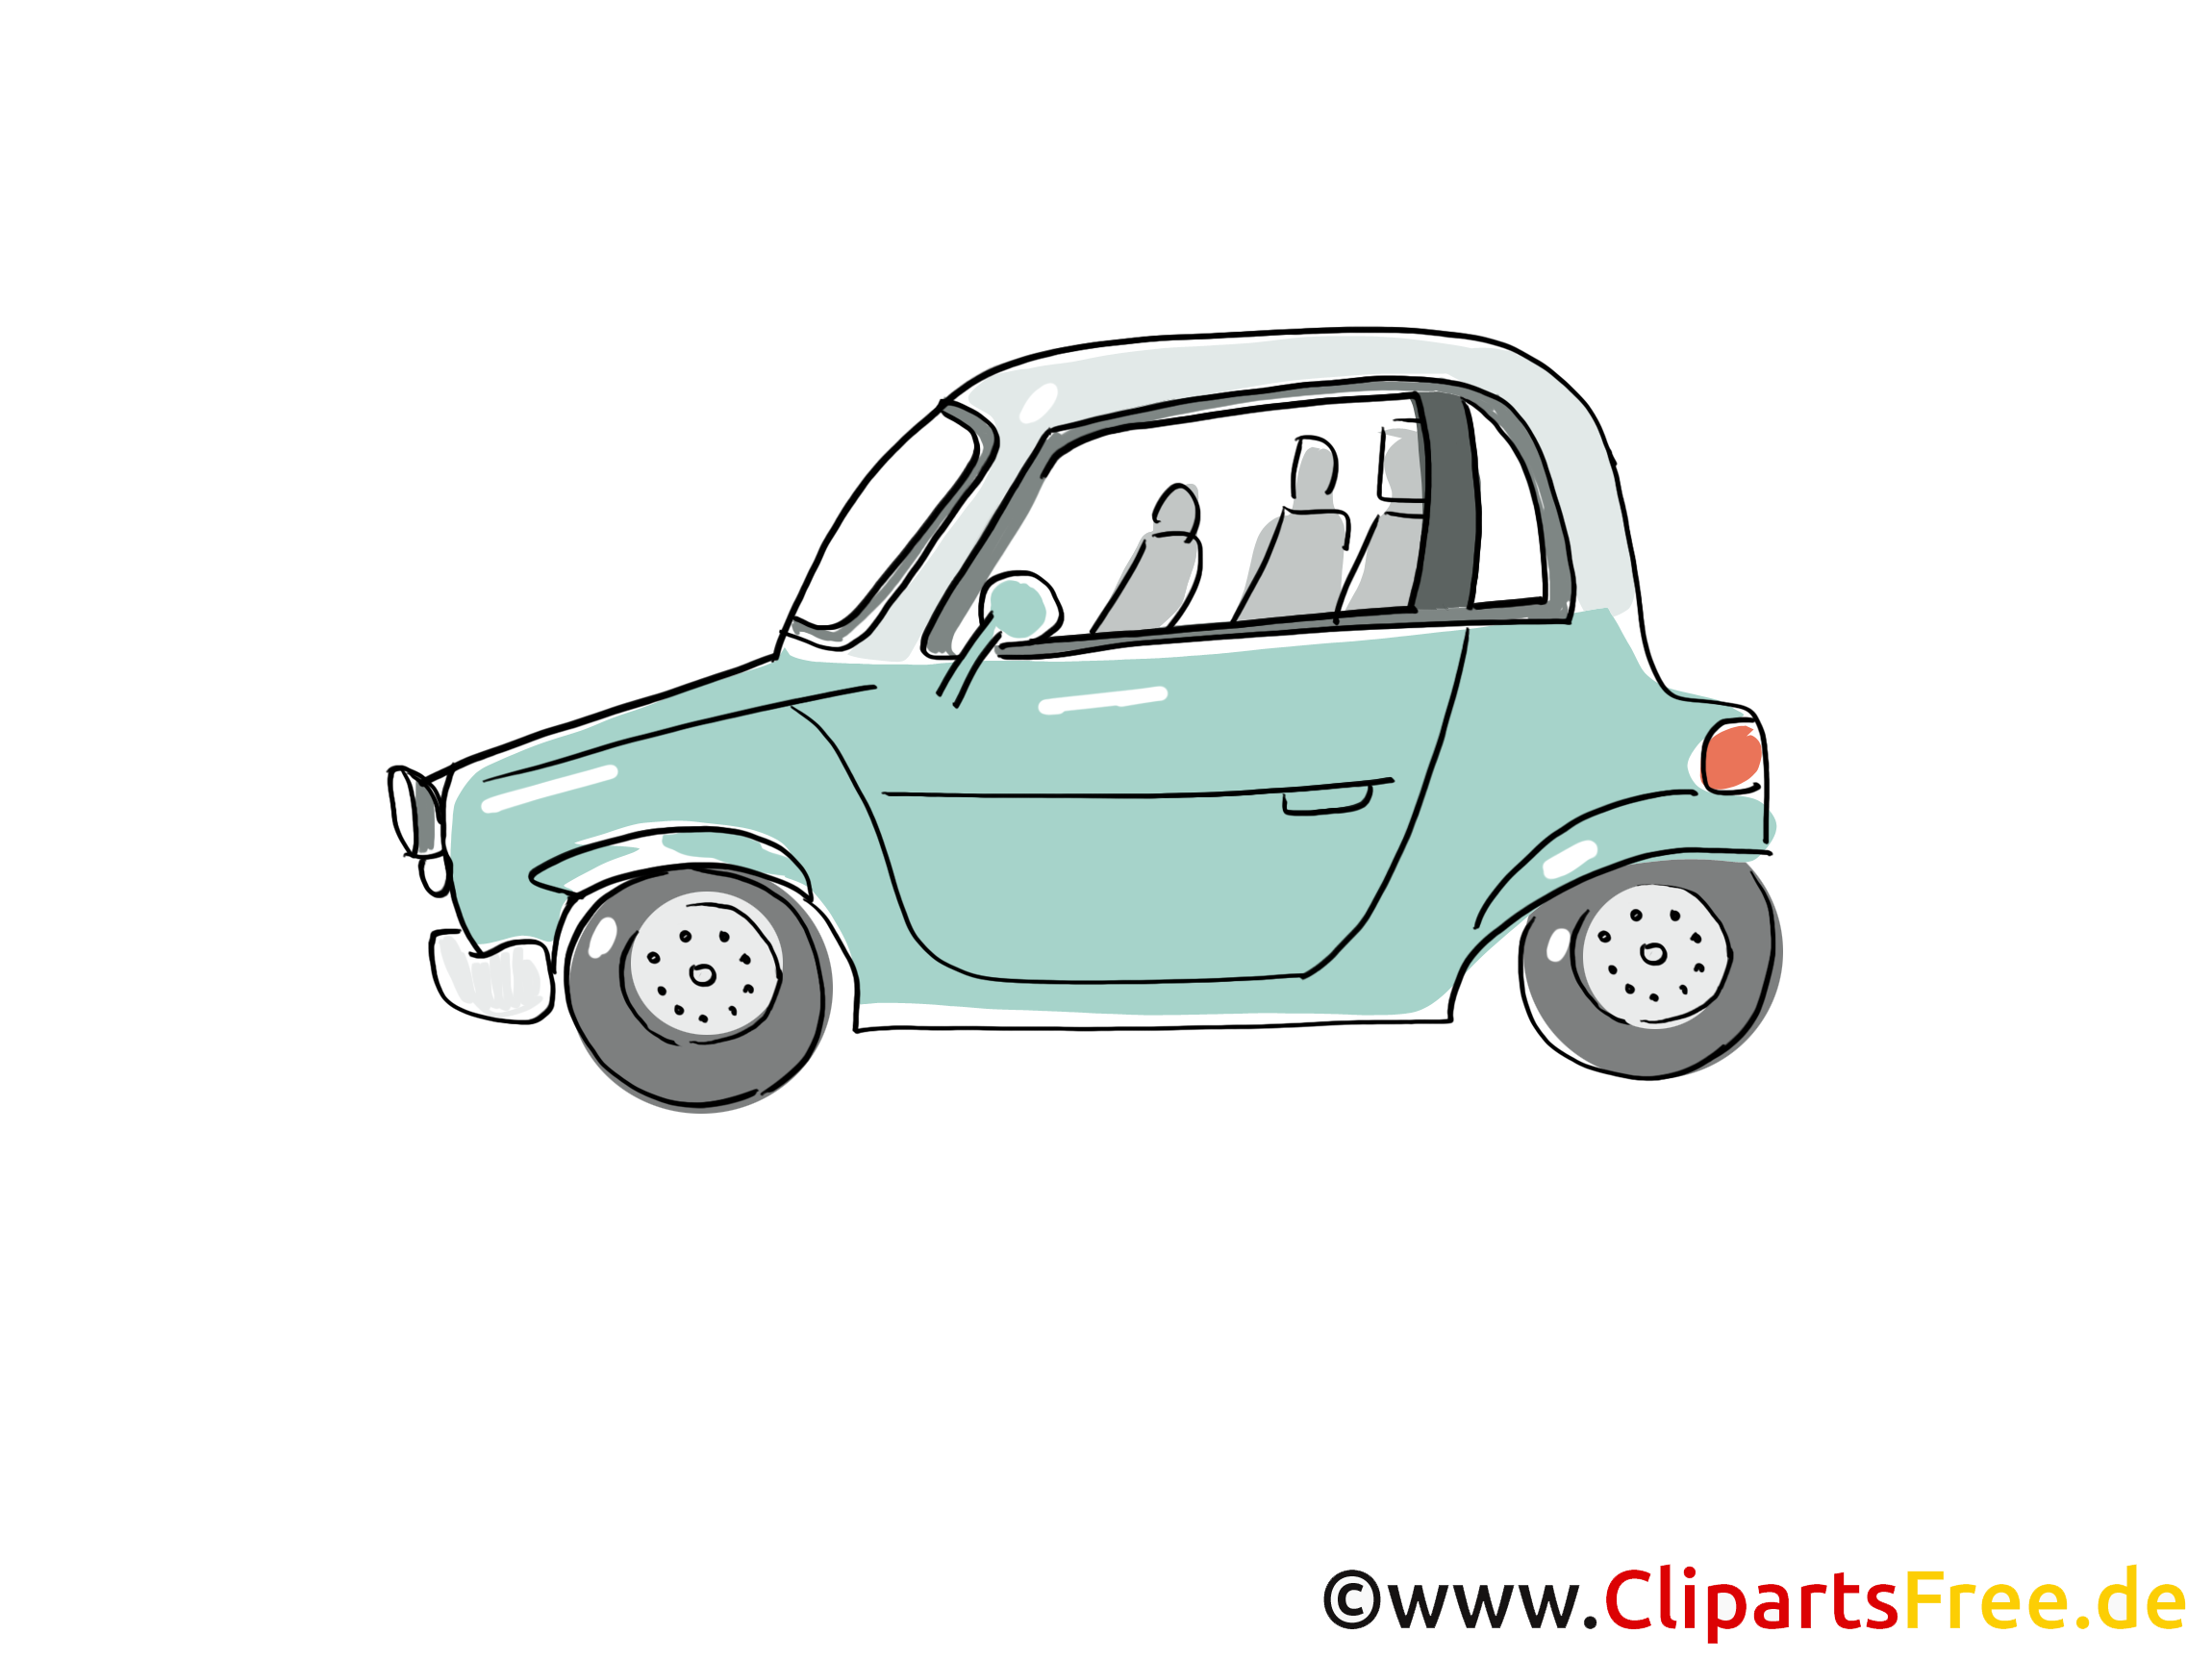 Petite voiture dessin cliparts à télécharger